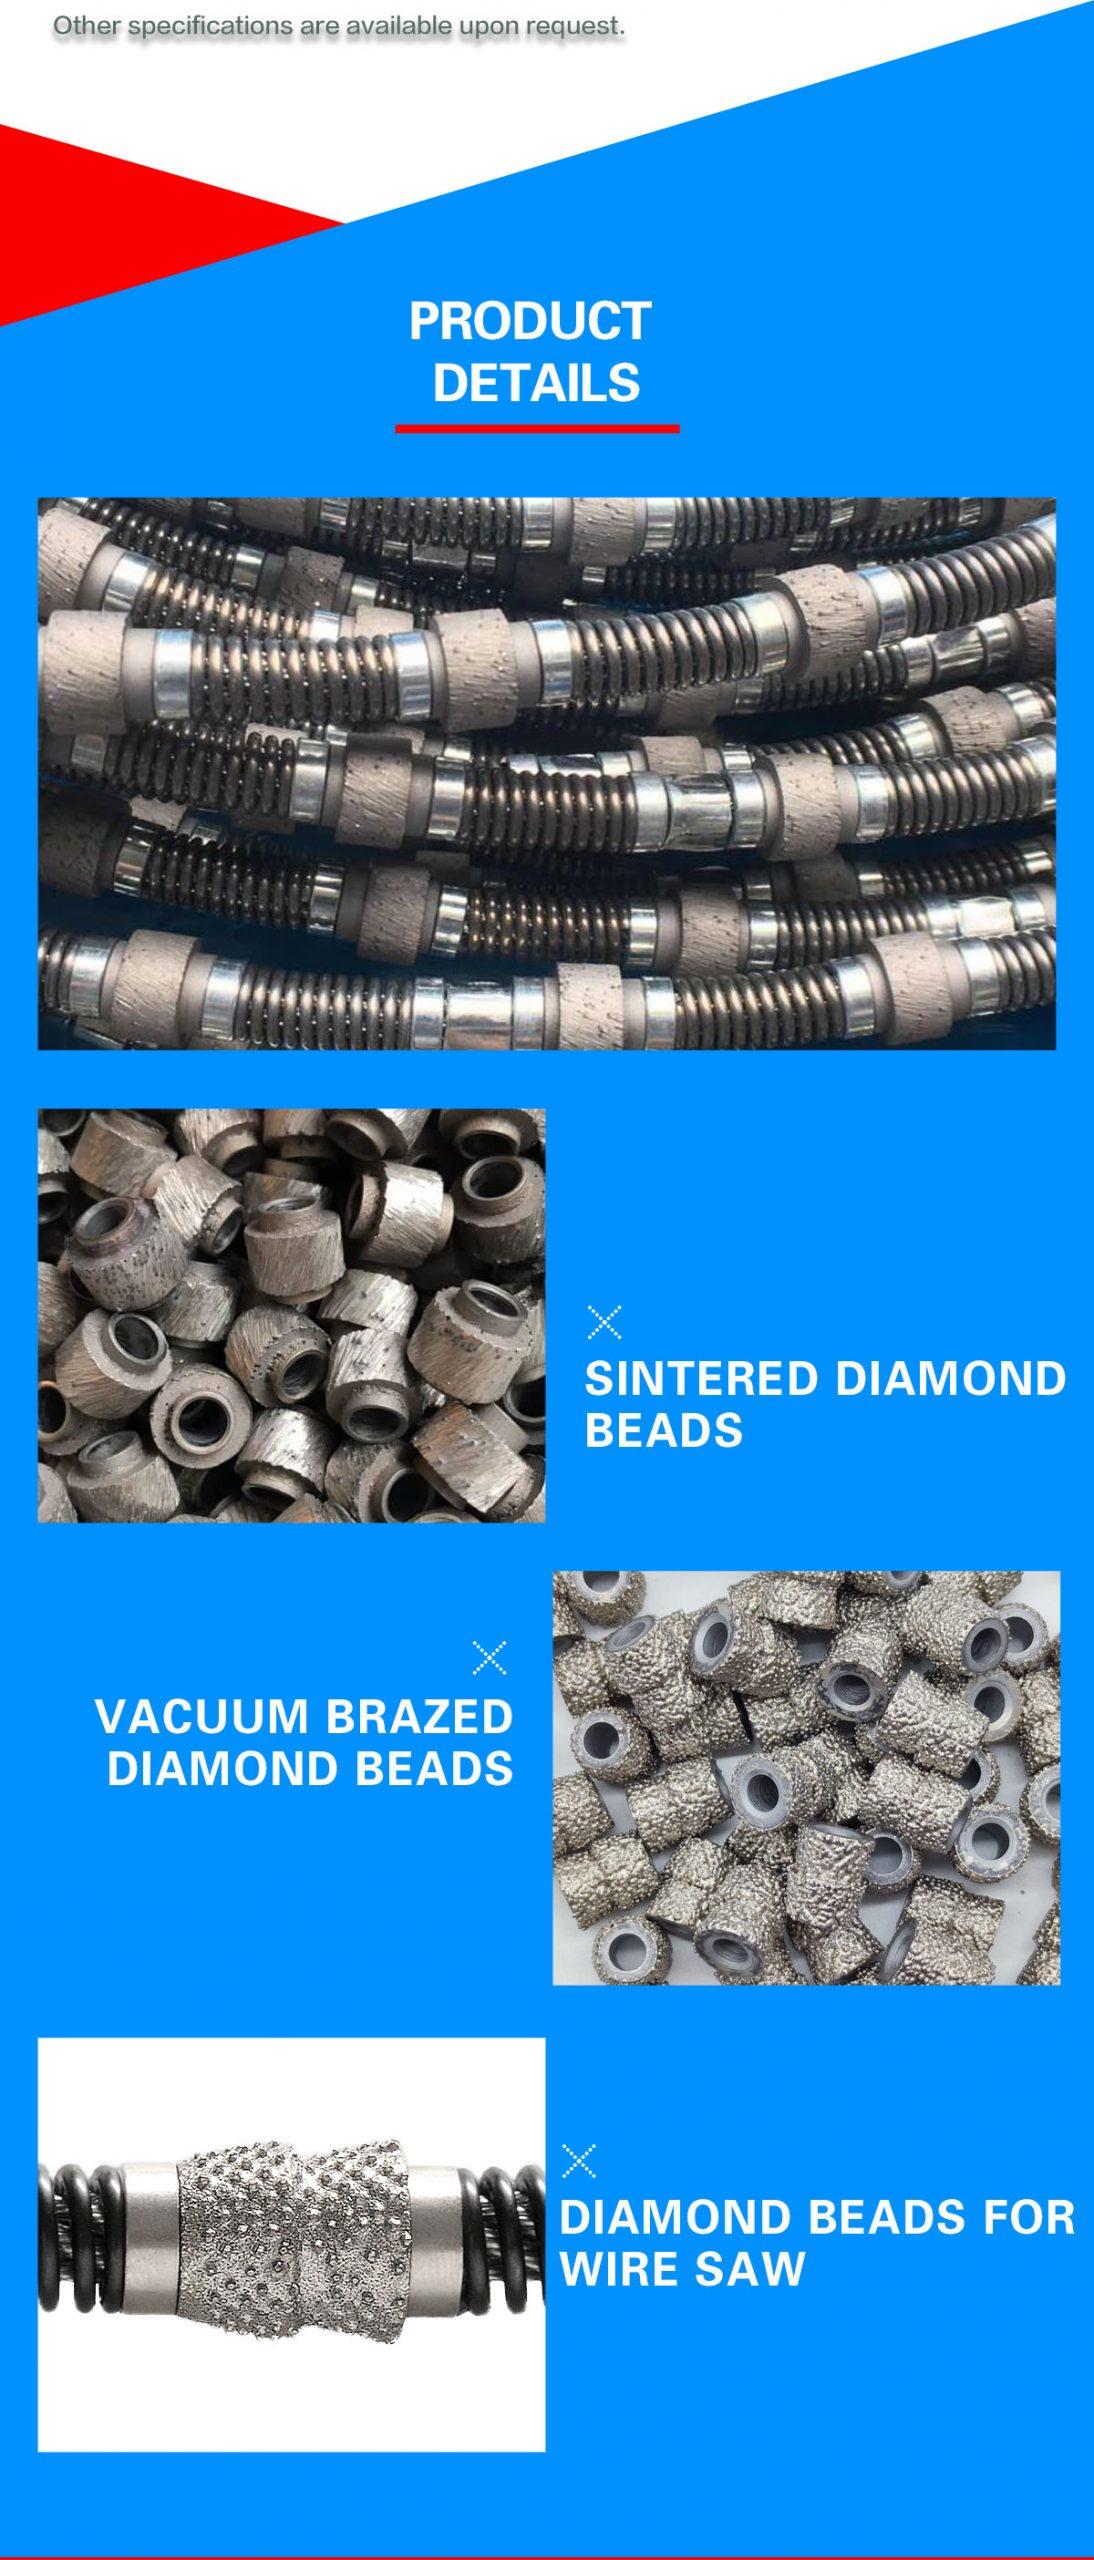 diamond wire saw parts, diamond wire saw accessories